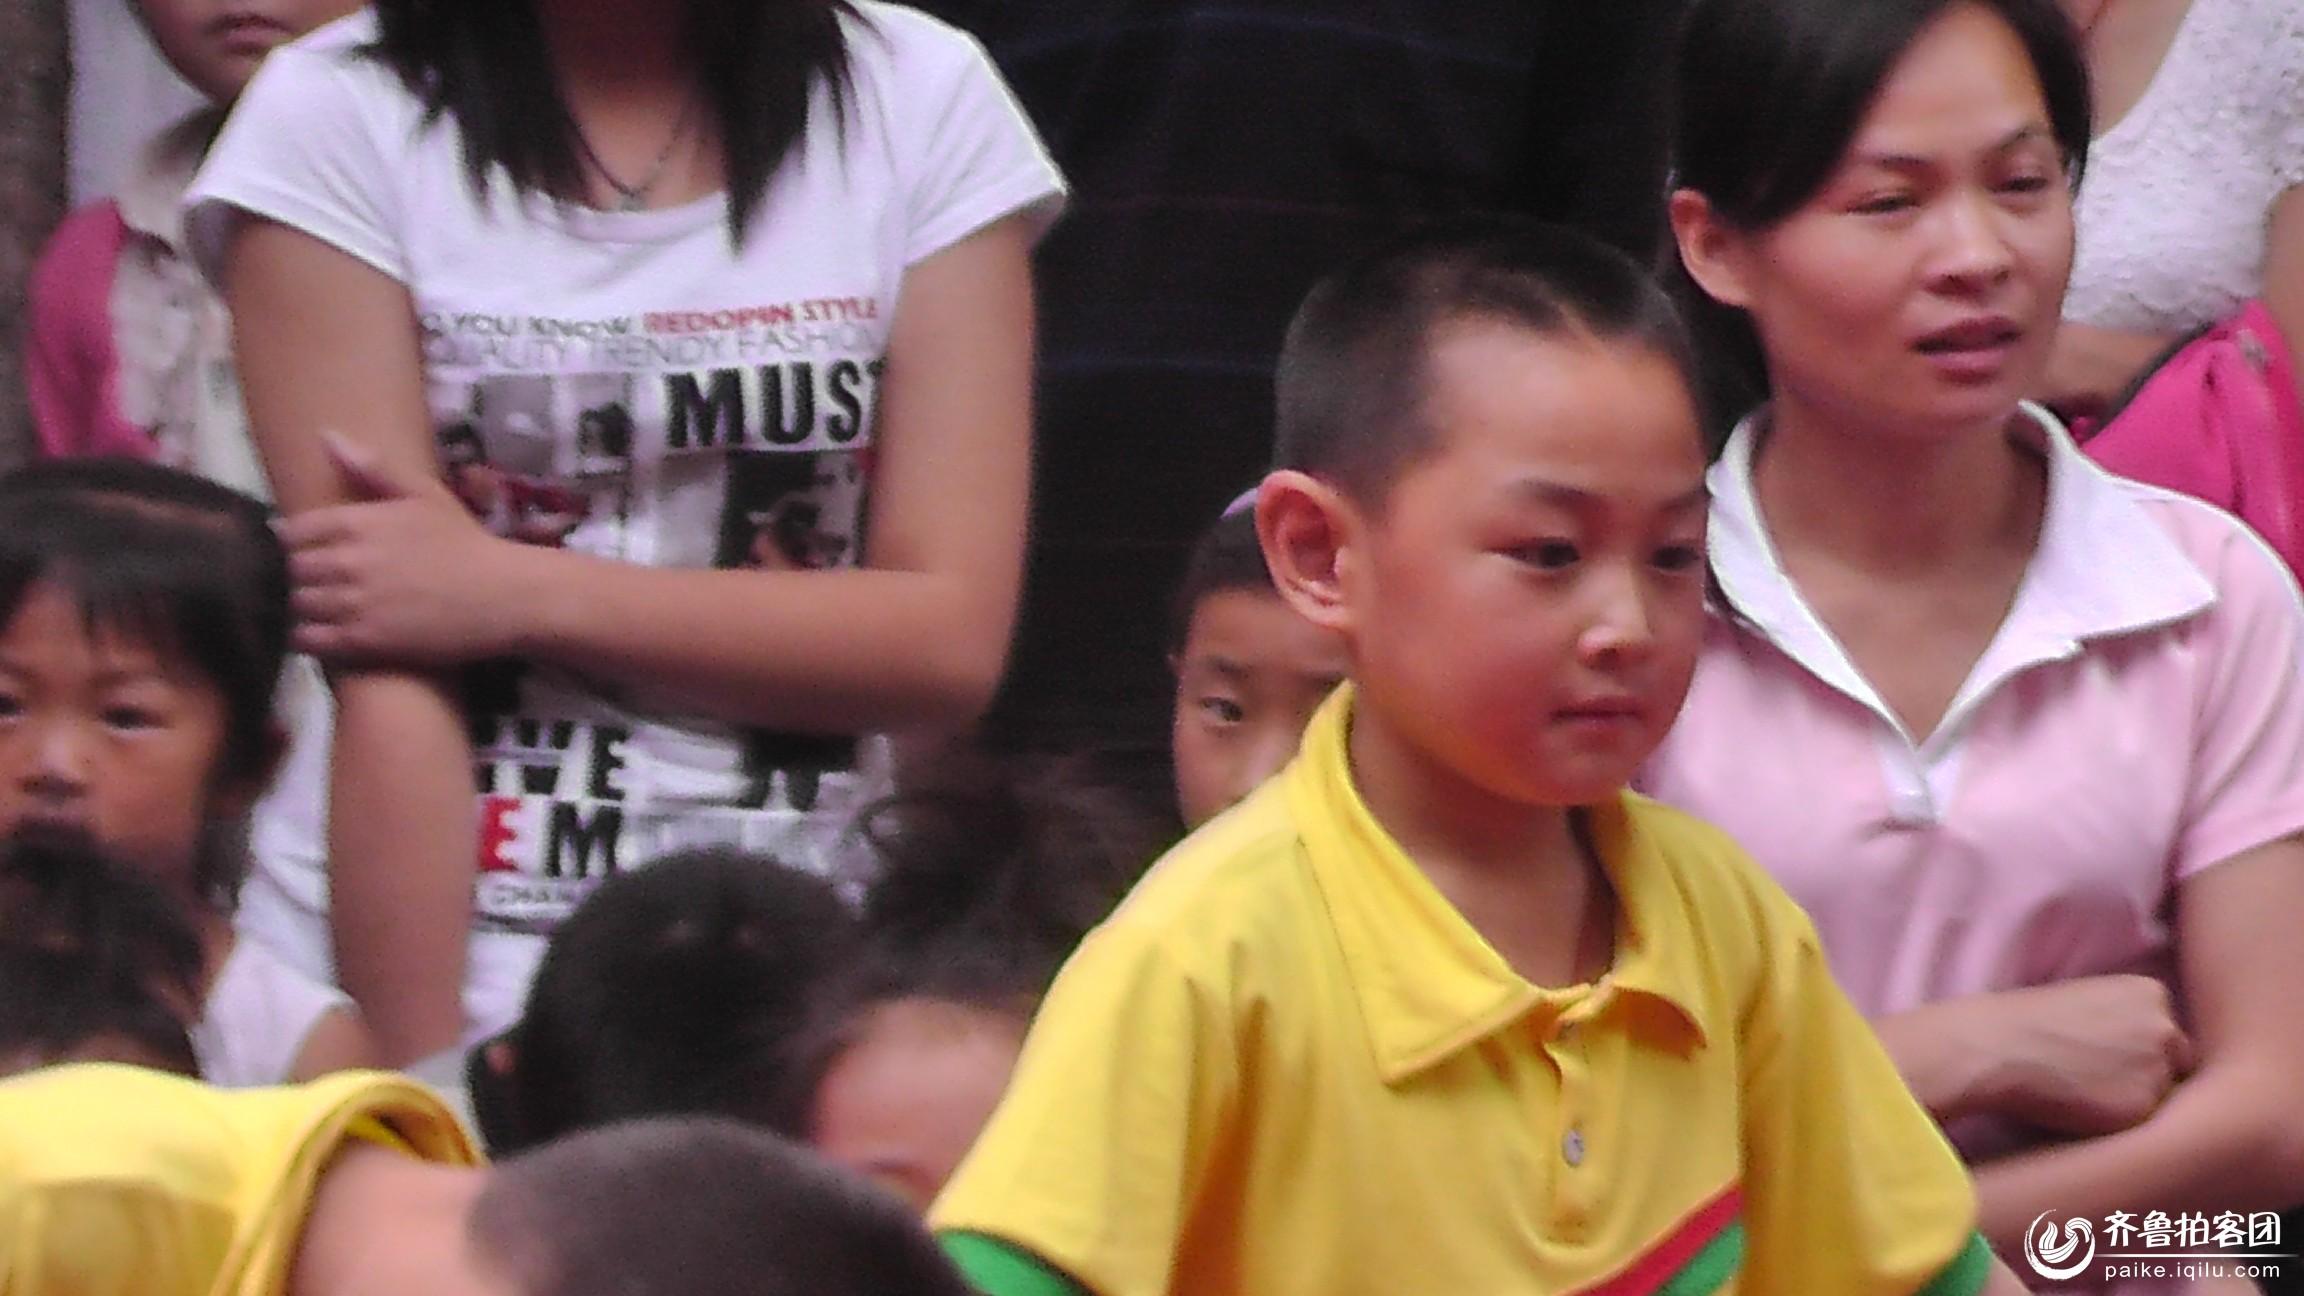 踅庄新星幼儿园天真可爱的孩子们